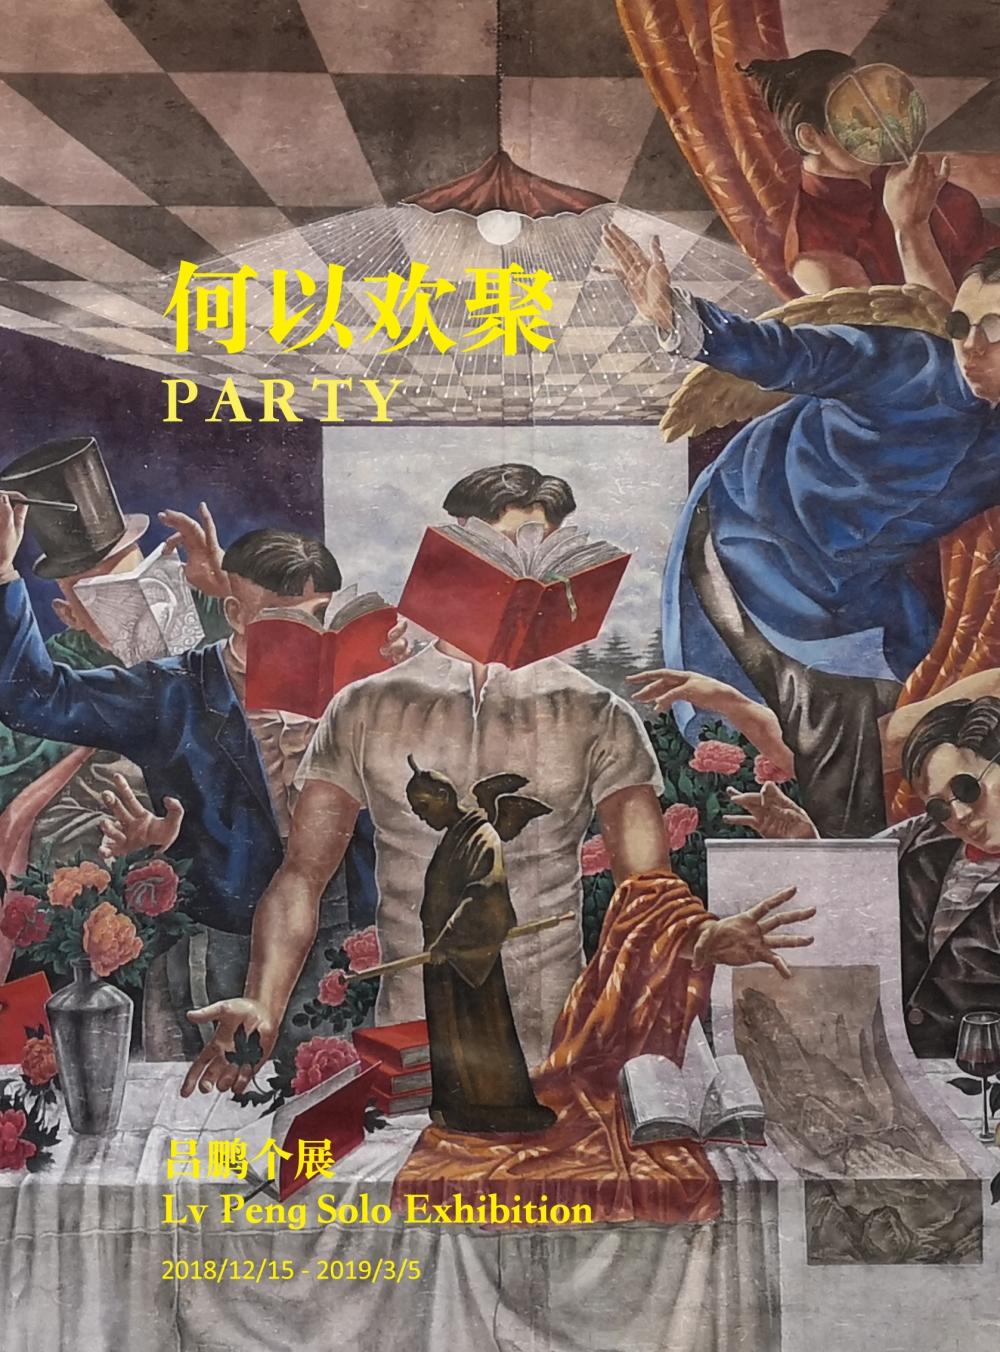 吕鹏:何以欢聚 LV Peng: Party